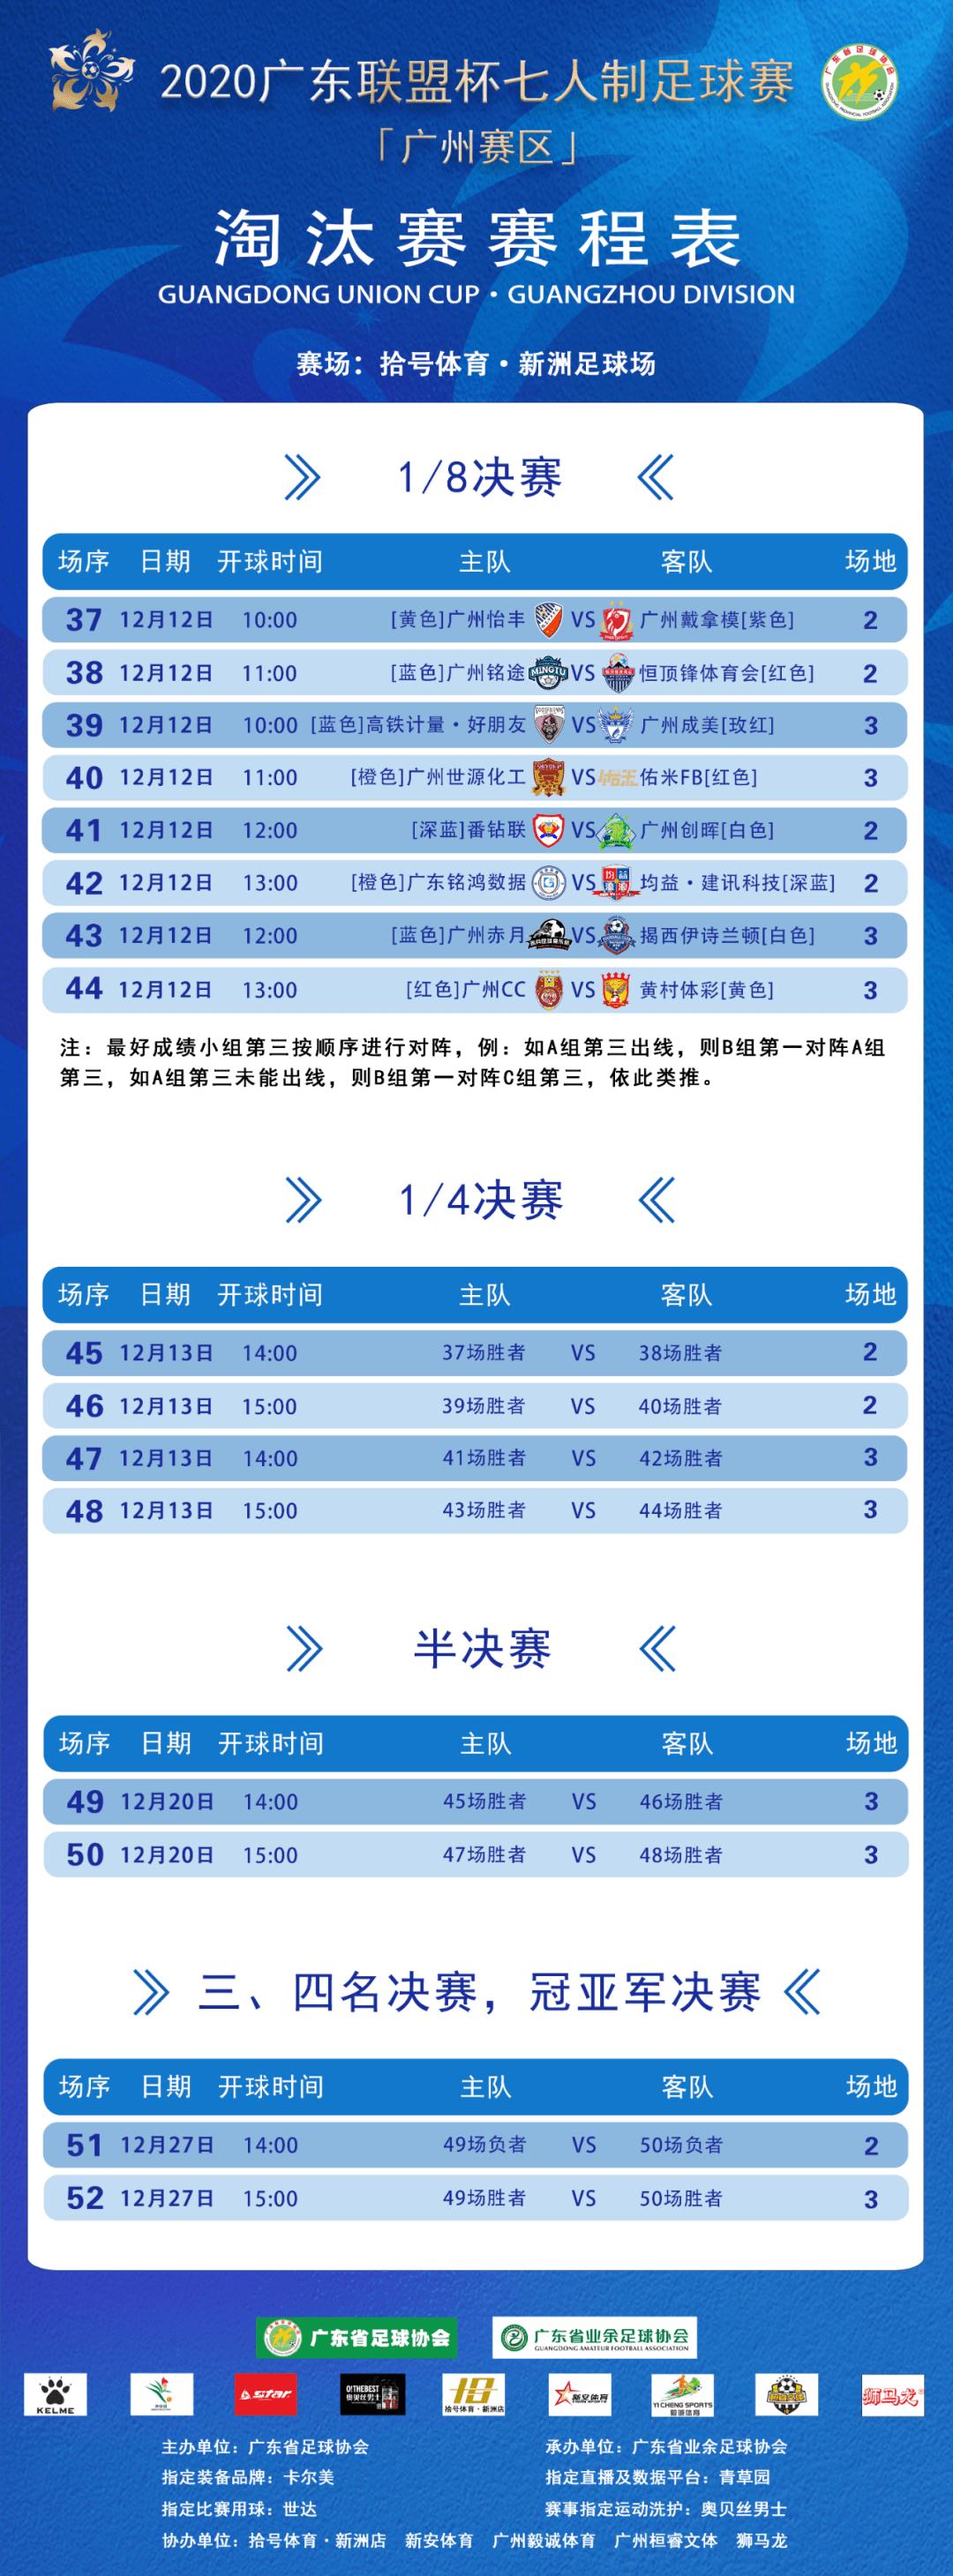 2021欧洲杯竞猜App_ 2020广东同盟杯七人制足球赛·广州赛区淘汰赛赛程表(图1)